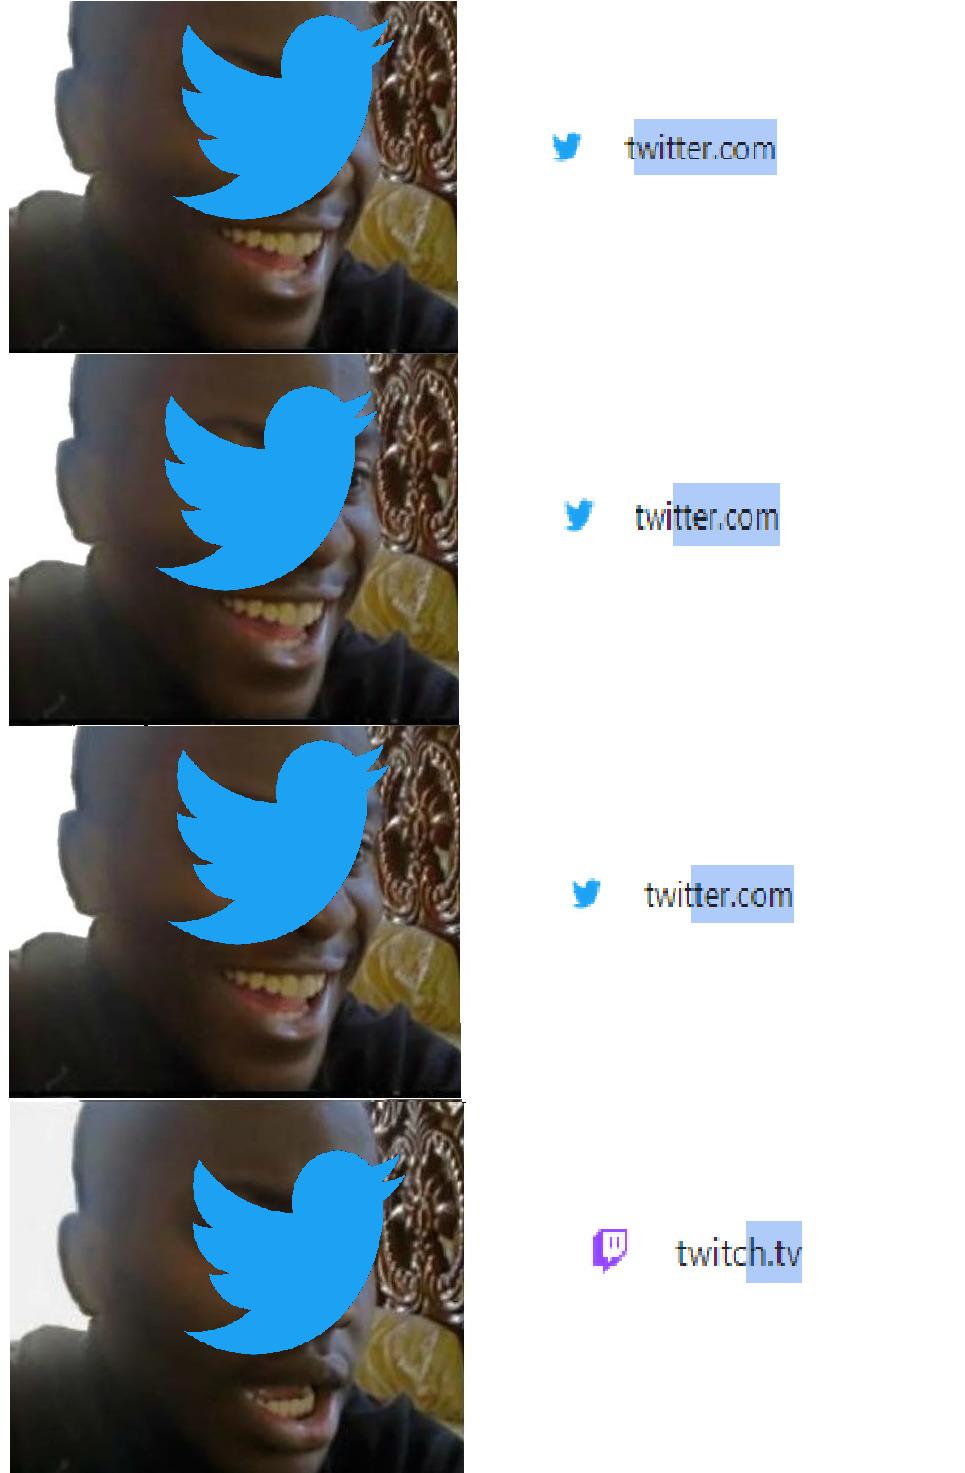 twittttttttttttttttt - meme